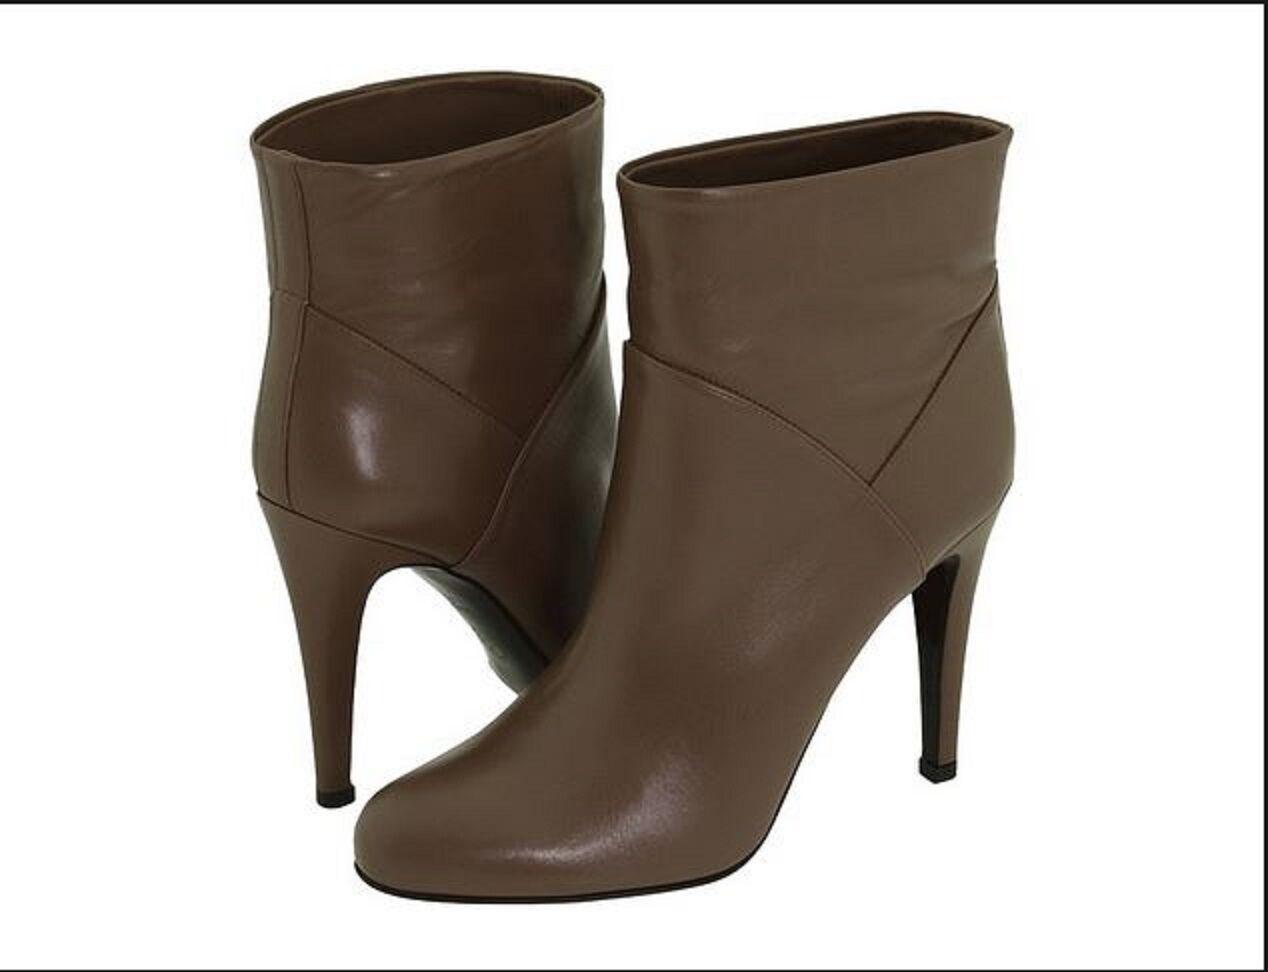 Nouveau femmes BALLY 9.5 US 40 EUR Cuir Noisette Bottines Bottines Bottines Bottillons Bottes Chaussures BX e1e7c8